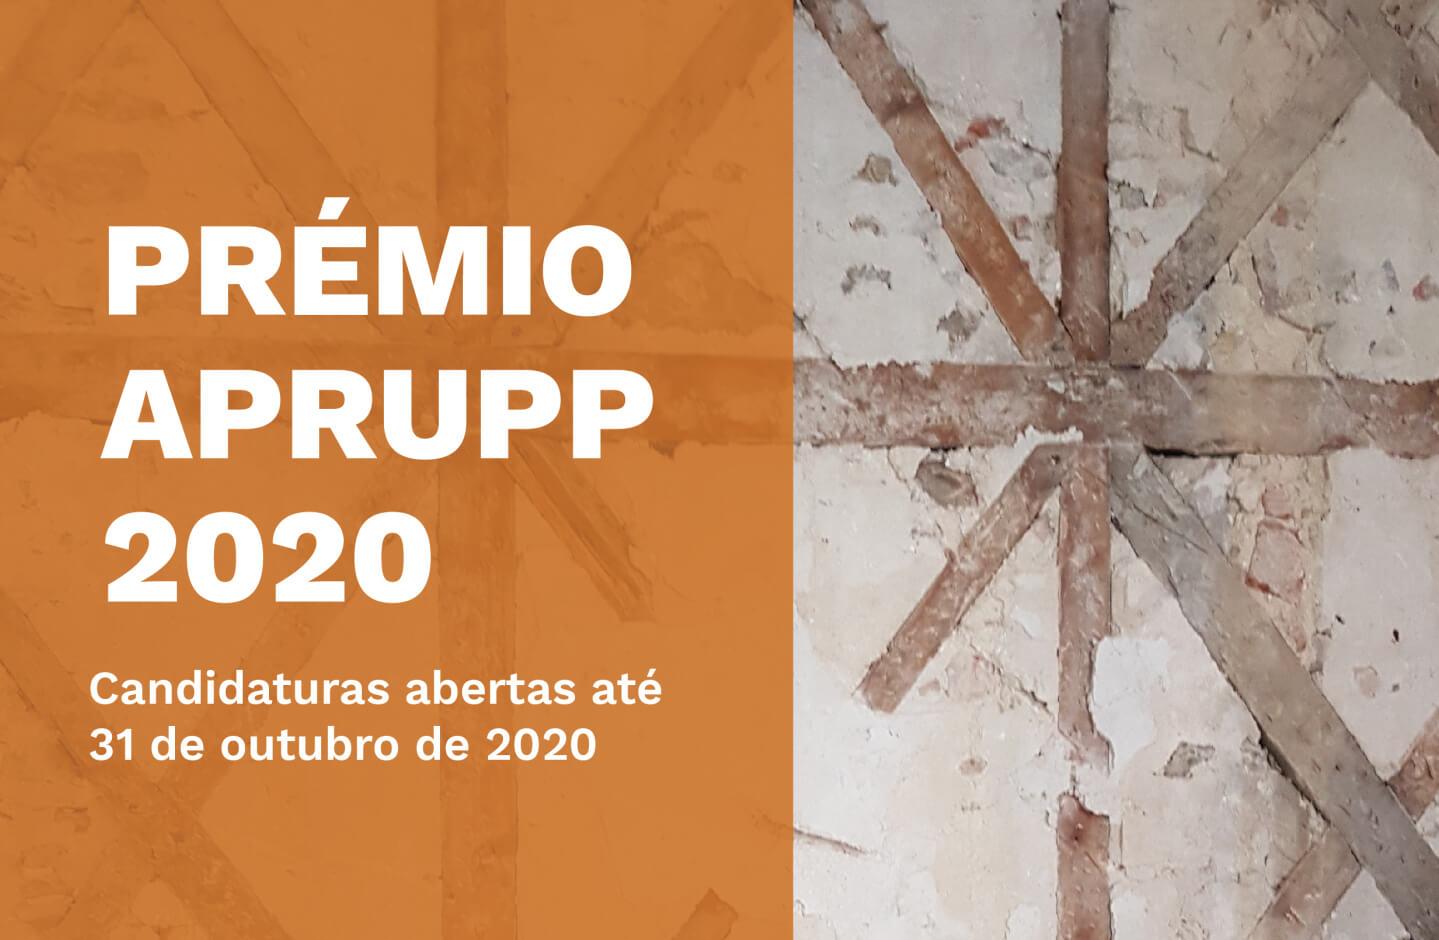 Prémio APRUPP 2020